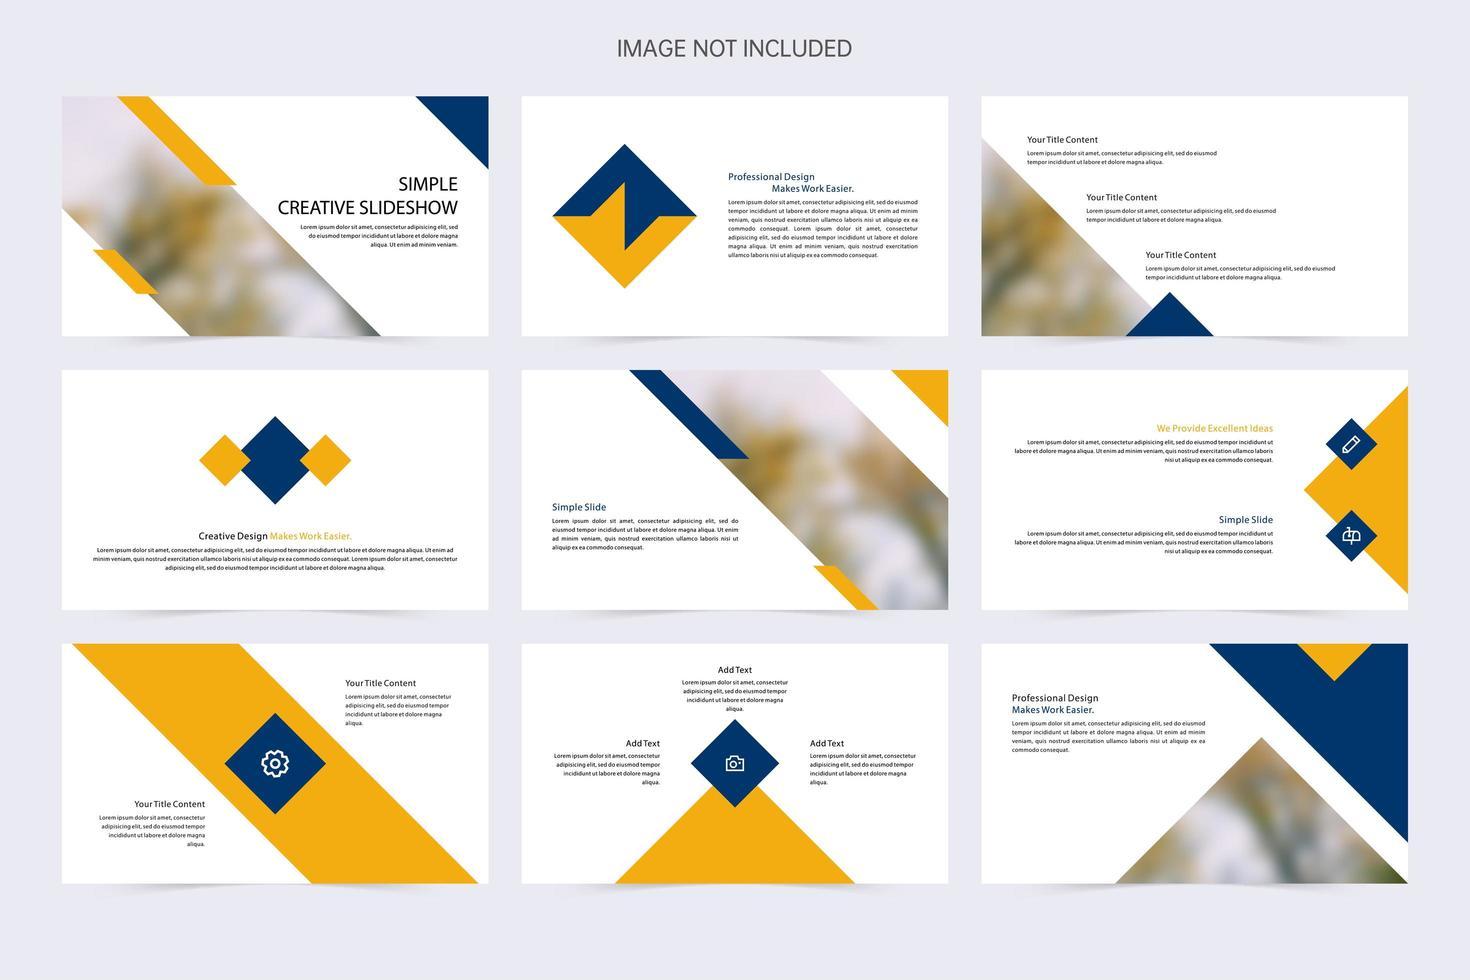 plantilla de diapositiva azul y amarilla creativa simple vector